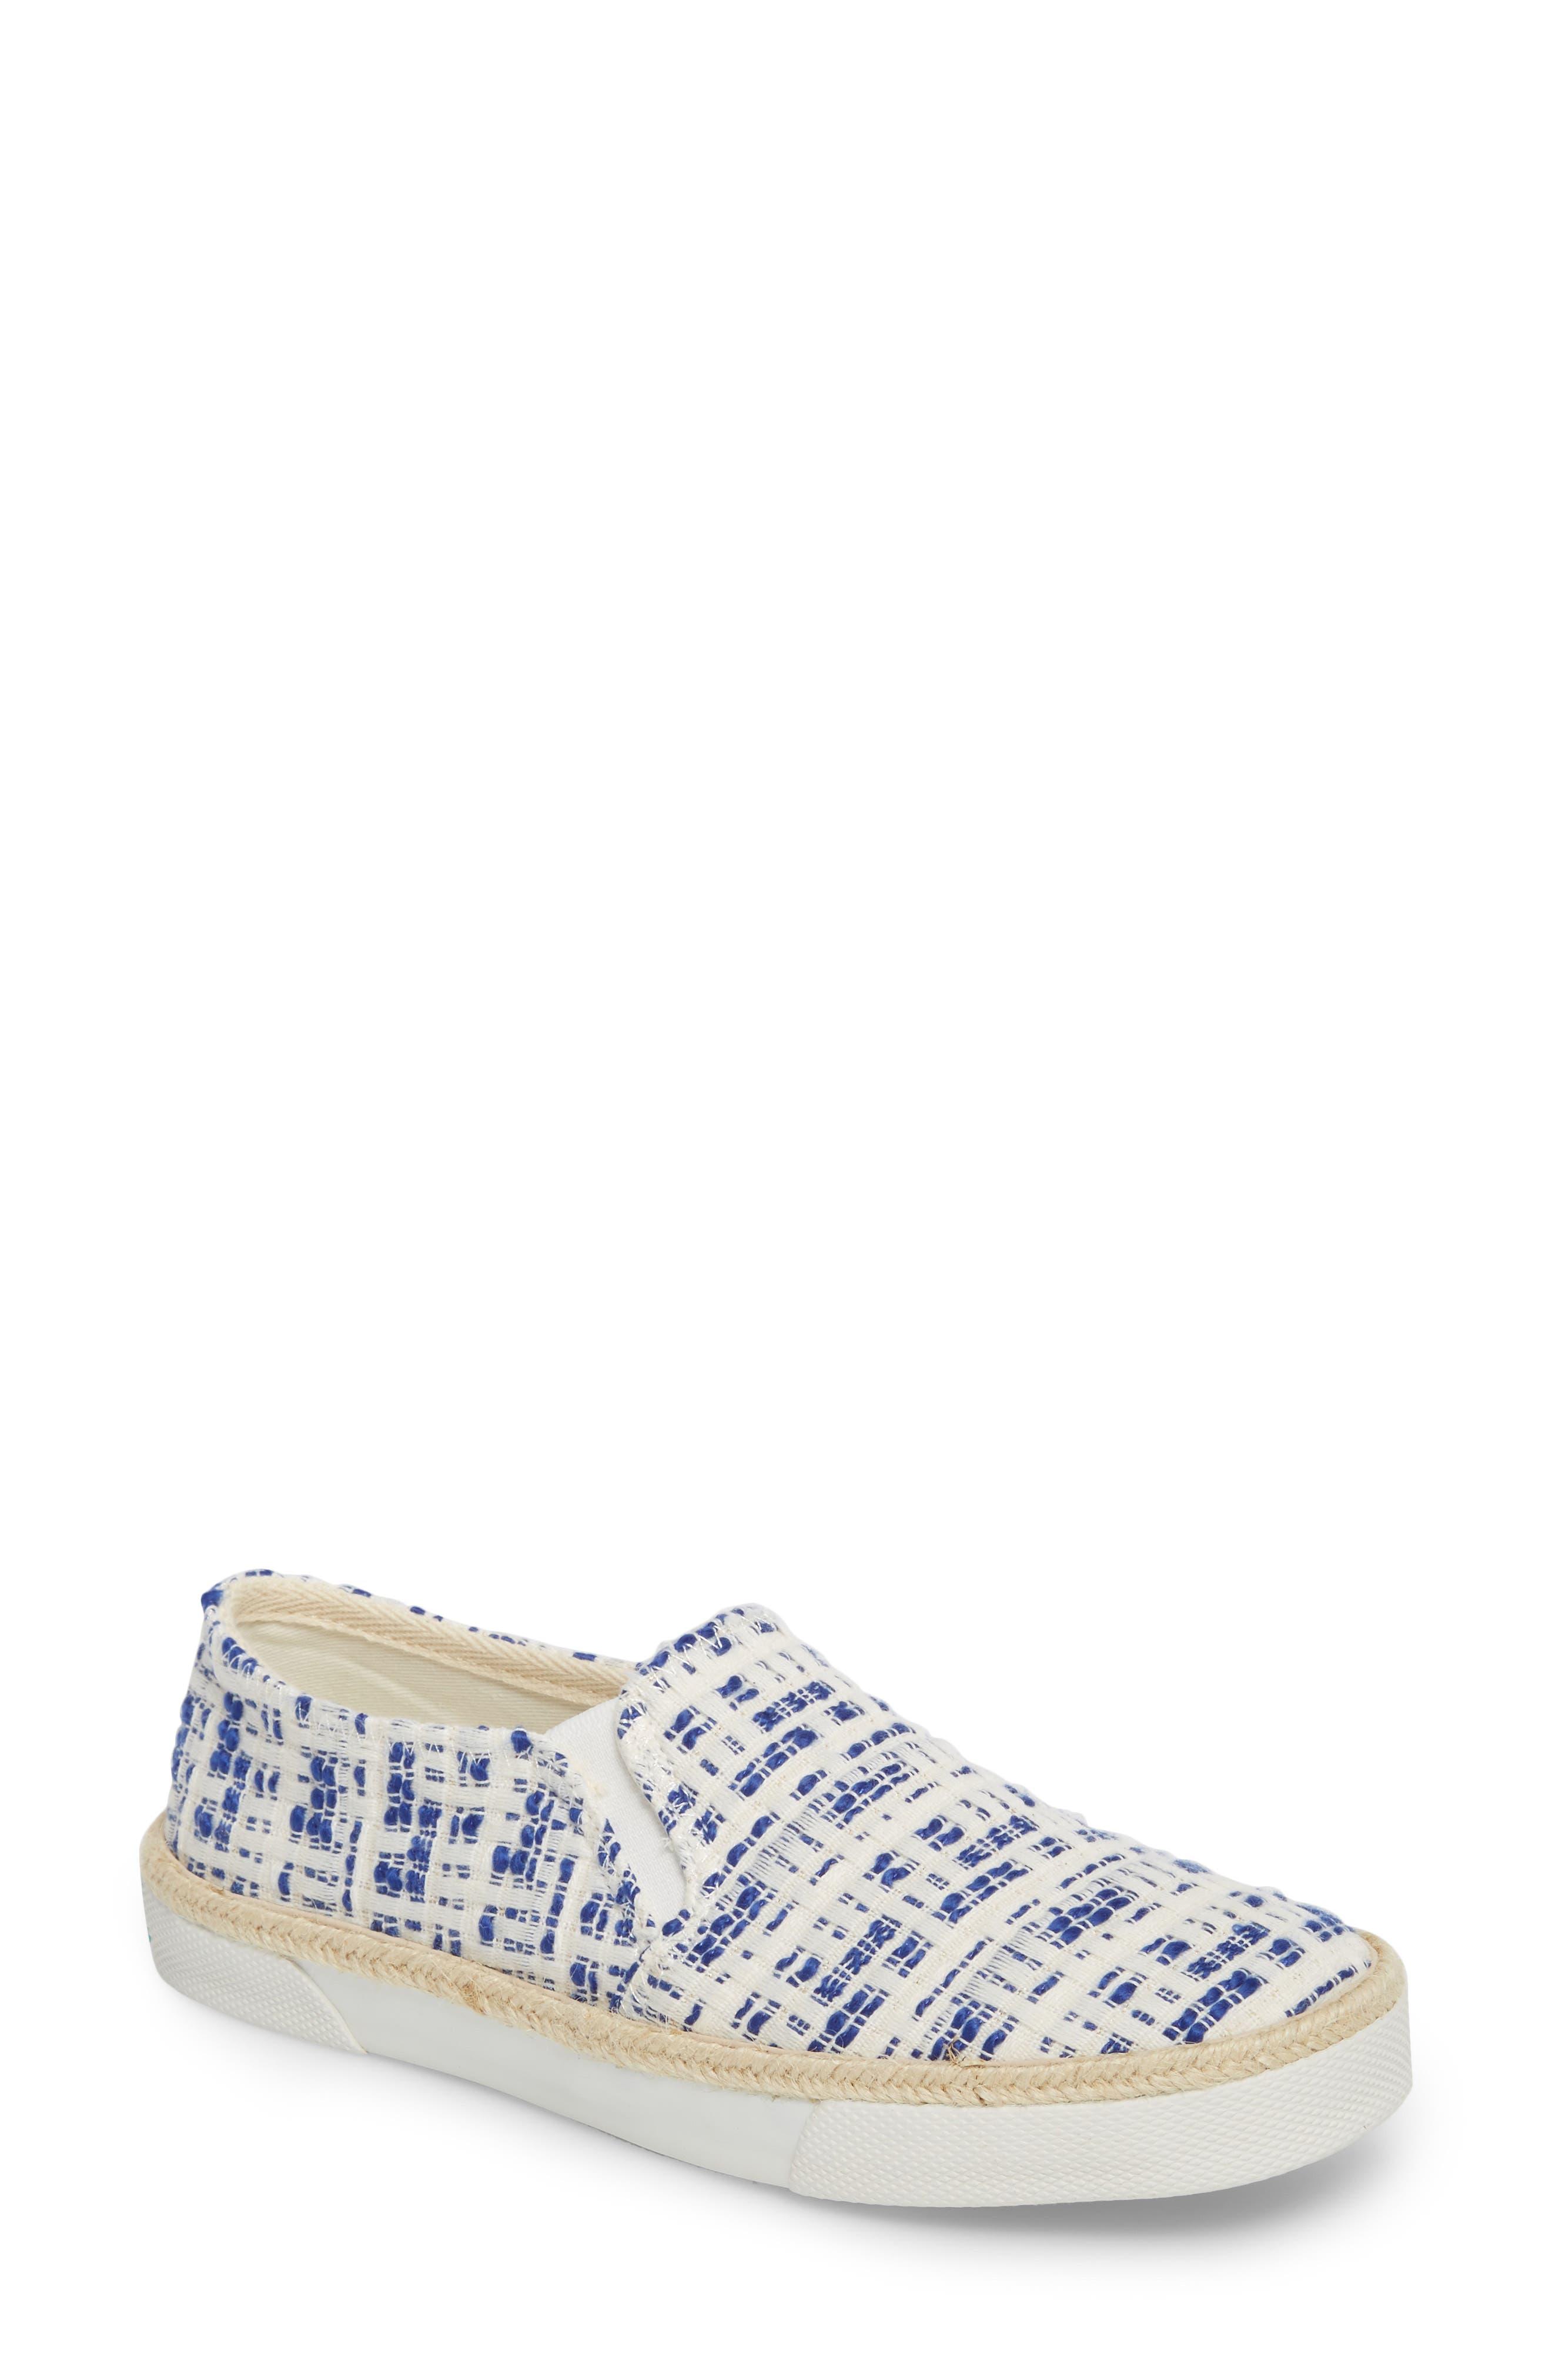 Alternate Image 1 Selected - Jack Rogers Tucker Slip-On Sneaker (Women)